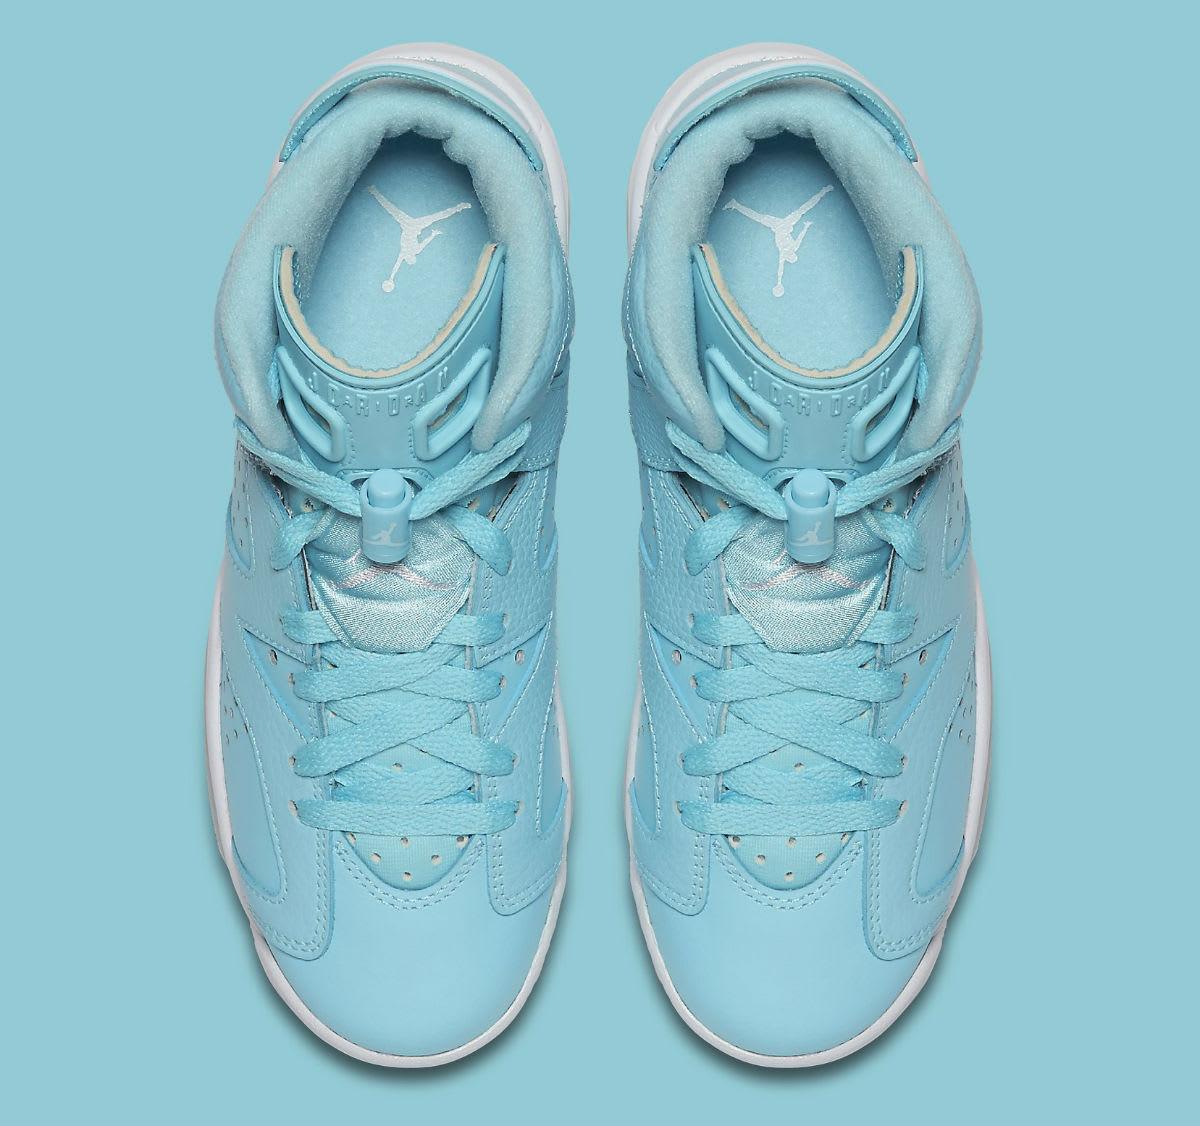 Air Jordan 6 Pantone GG Release Date Top 543390-407